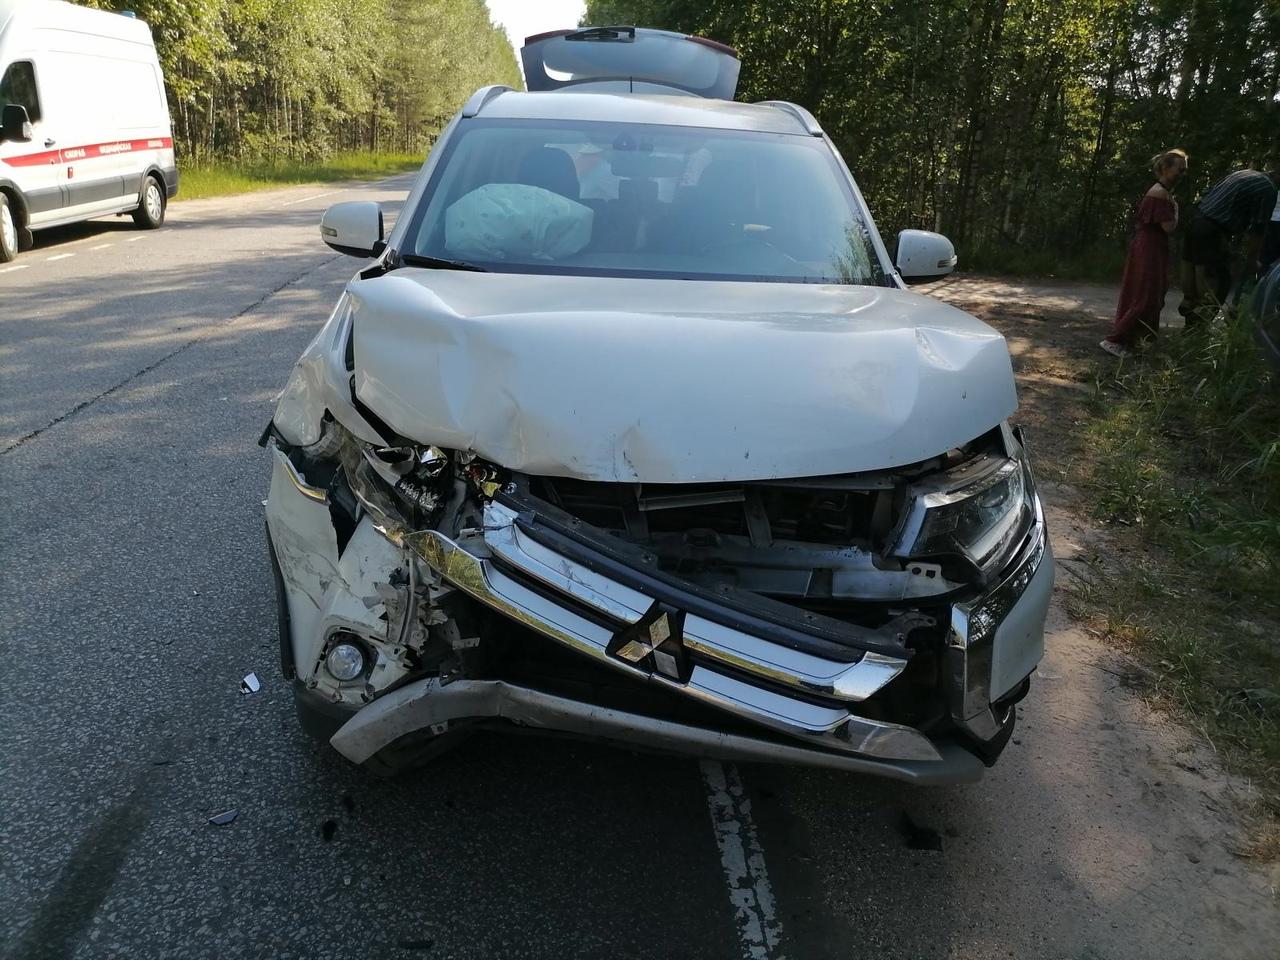 70-летний пассажир пострадал в столкновении иномарок в Тверской области